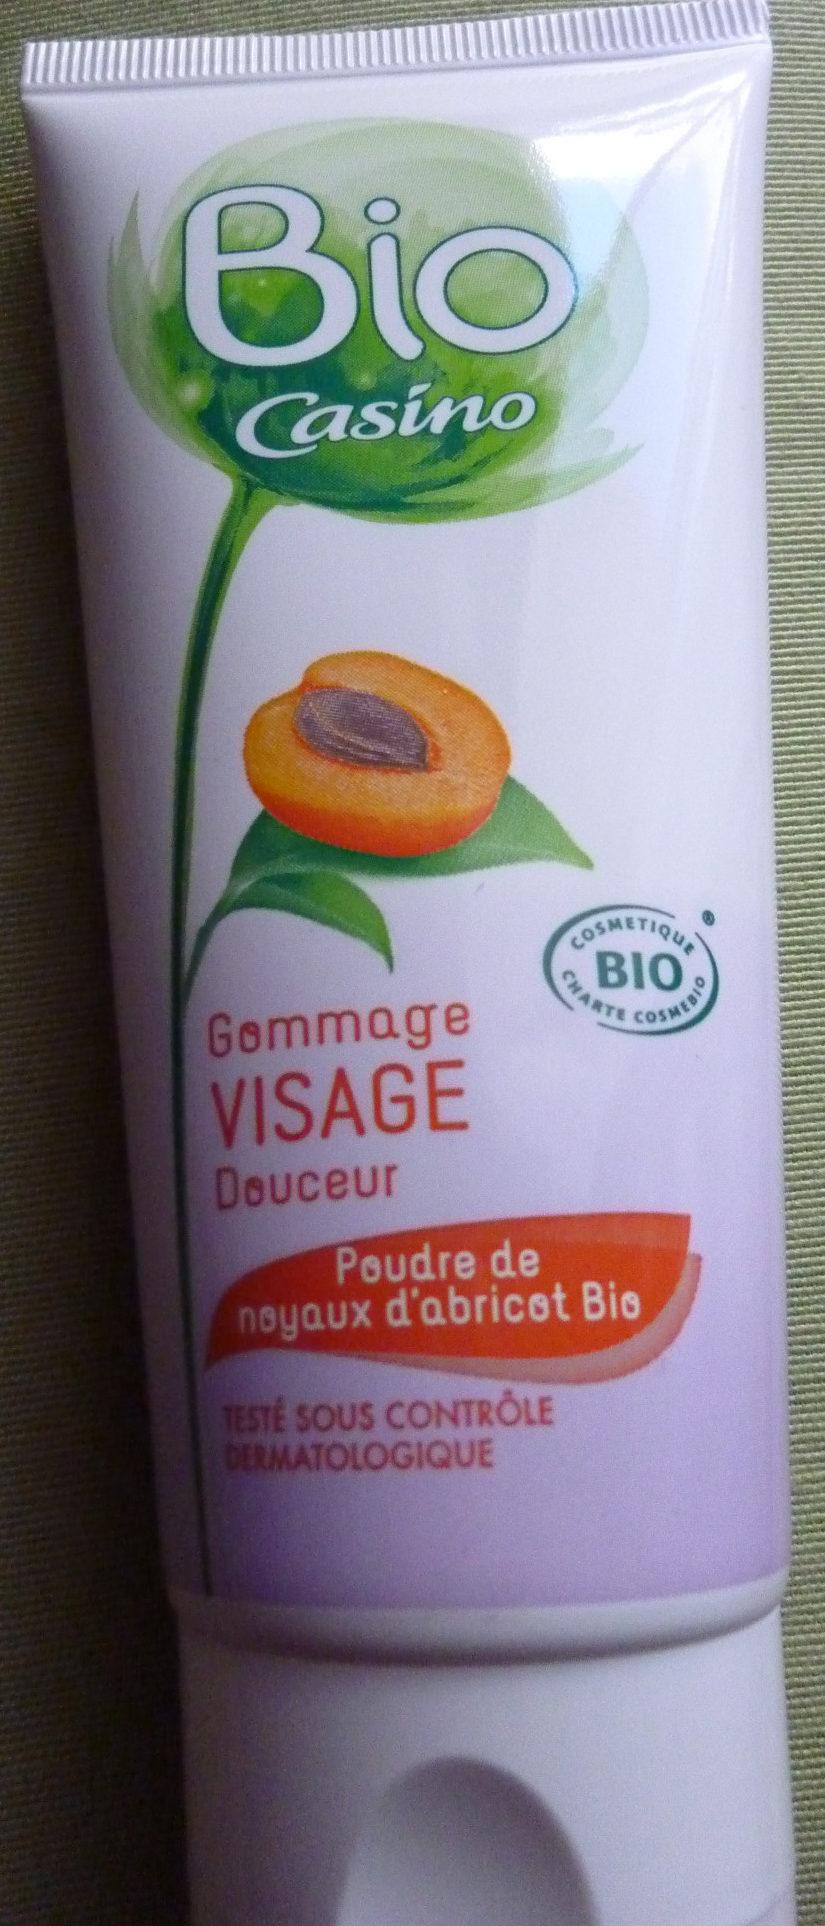 Gommage visage douceur bio poudre de noyaux d'abricots bio - Product